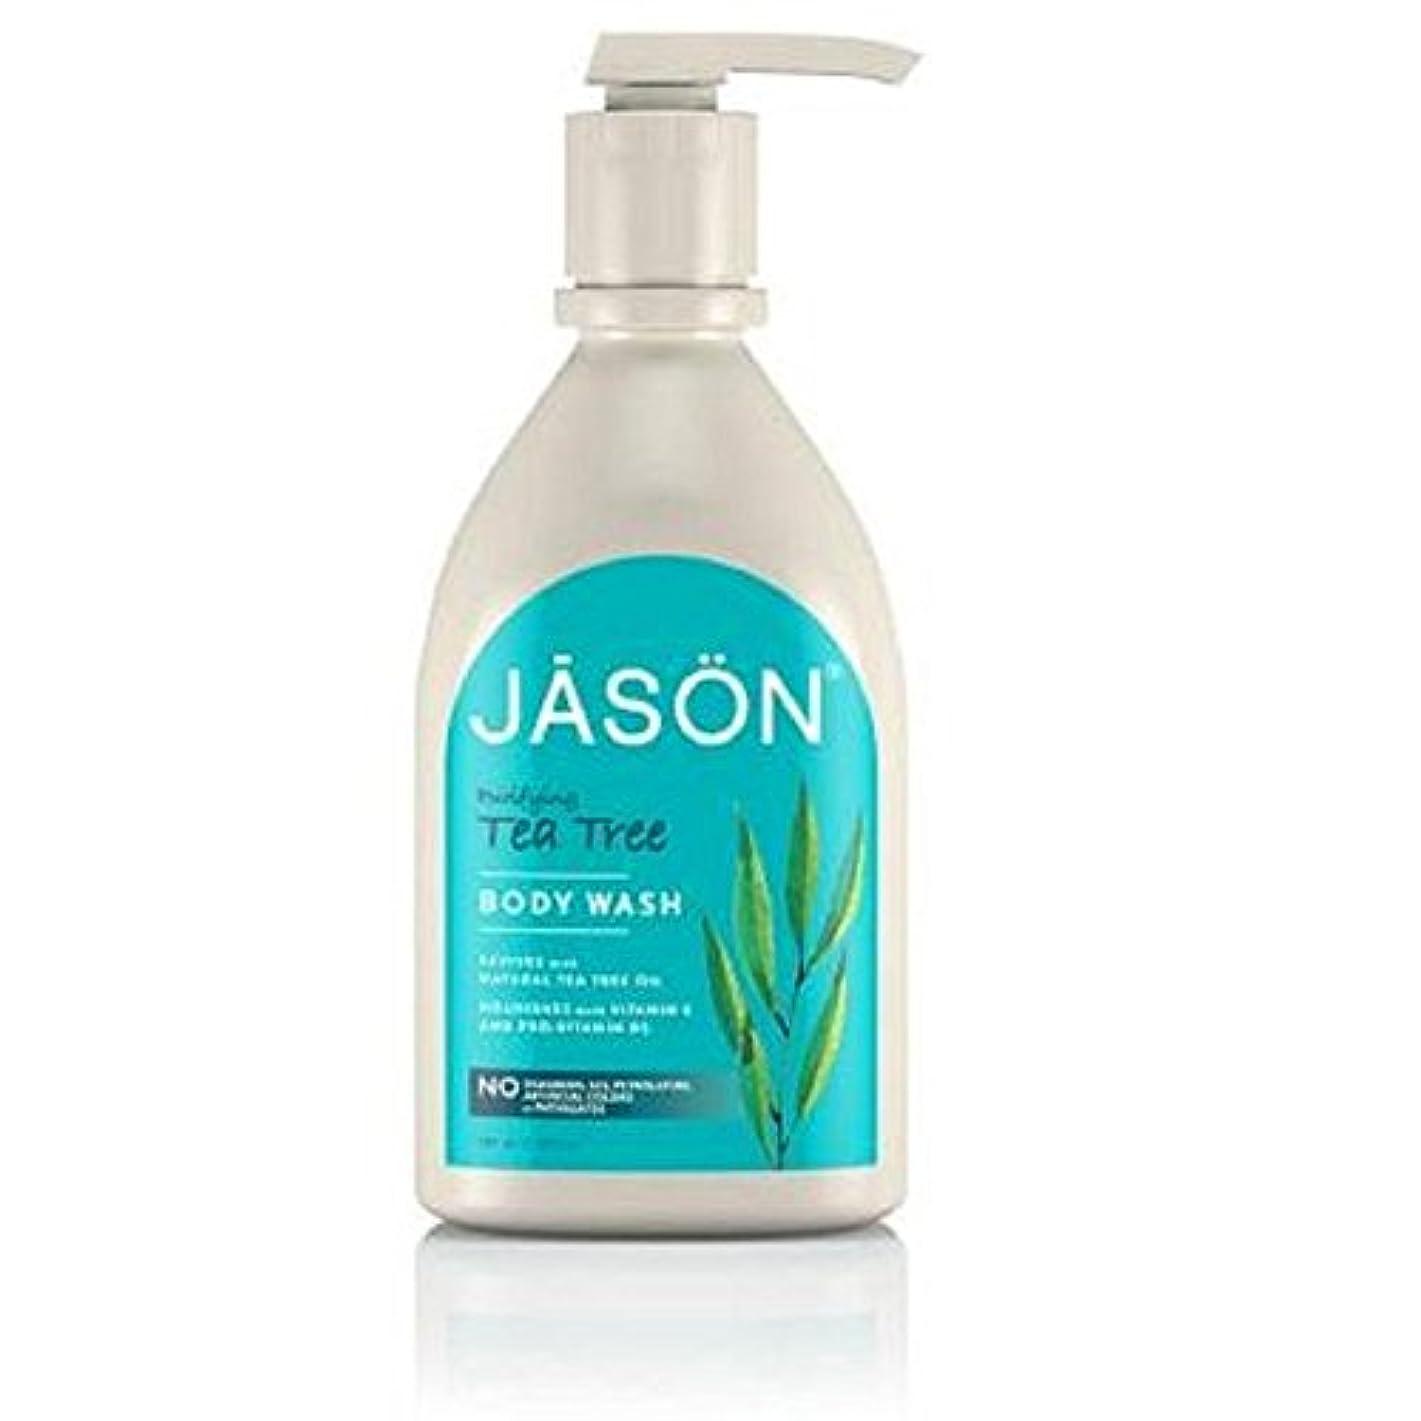 セラフ押し下げる講義Jason Tea Tree Satin Body Wash Pump 900ml (Pack of 6) - ジェイソン?ティーツリーサテンボディウォッシュポンプ900ミリリットル x6 [並行輸入品]